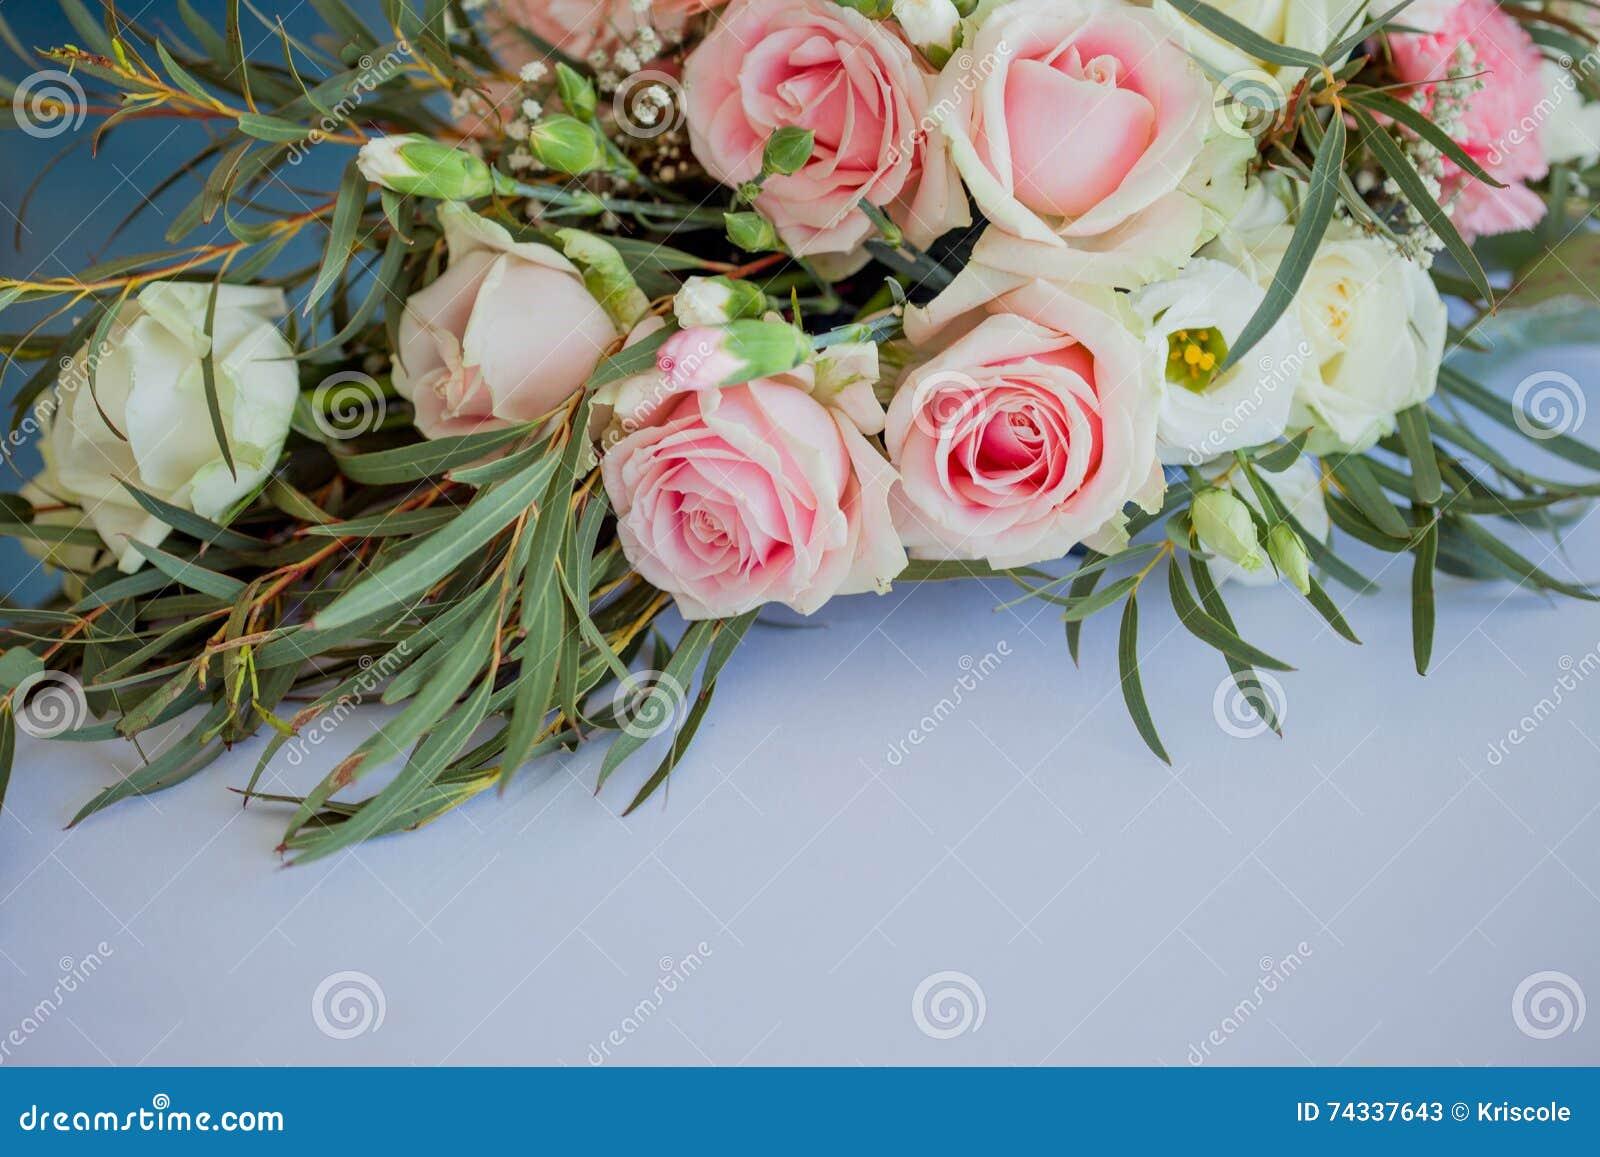 composition florale sur la table fleurs et nappe blanche, mariage